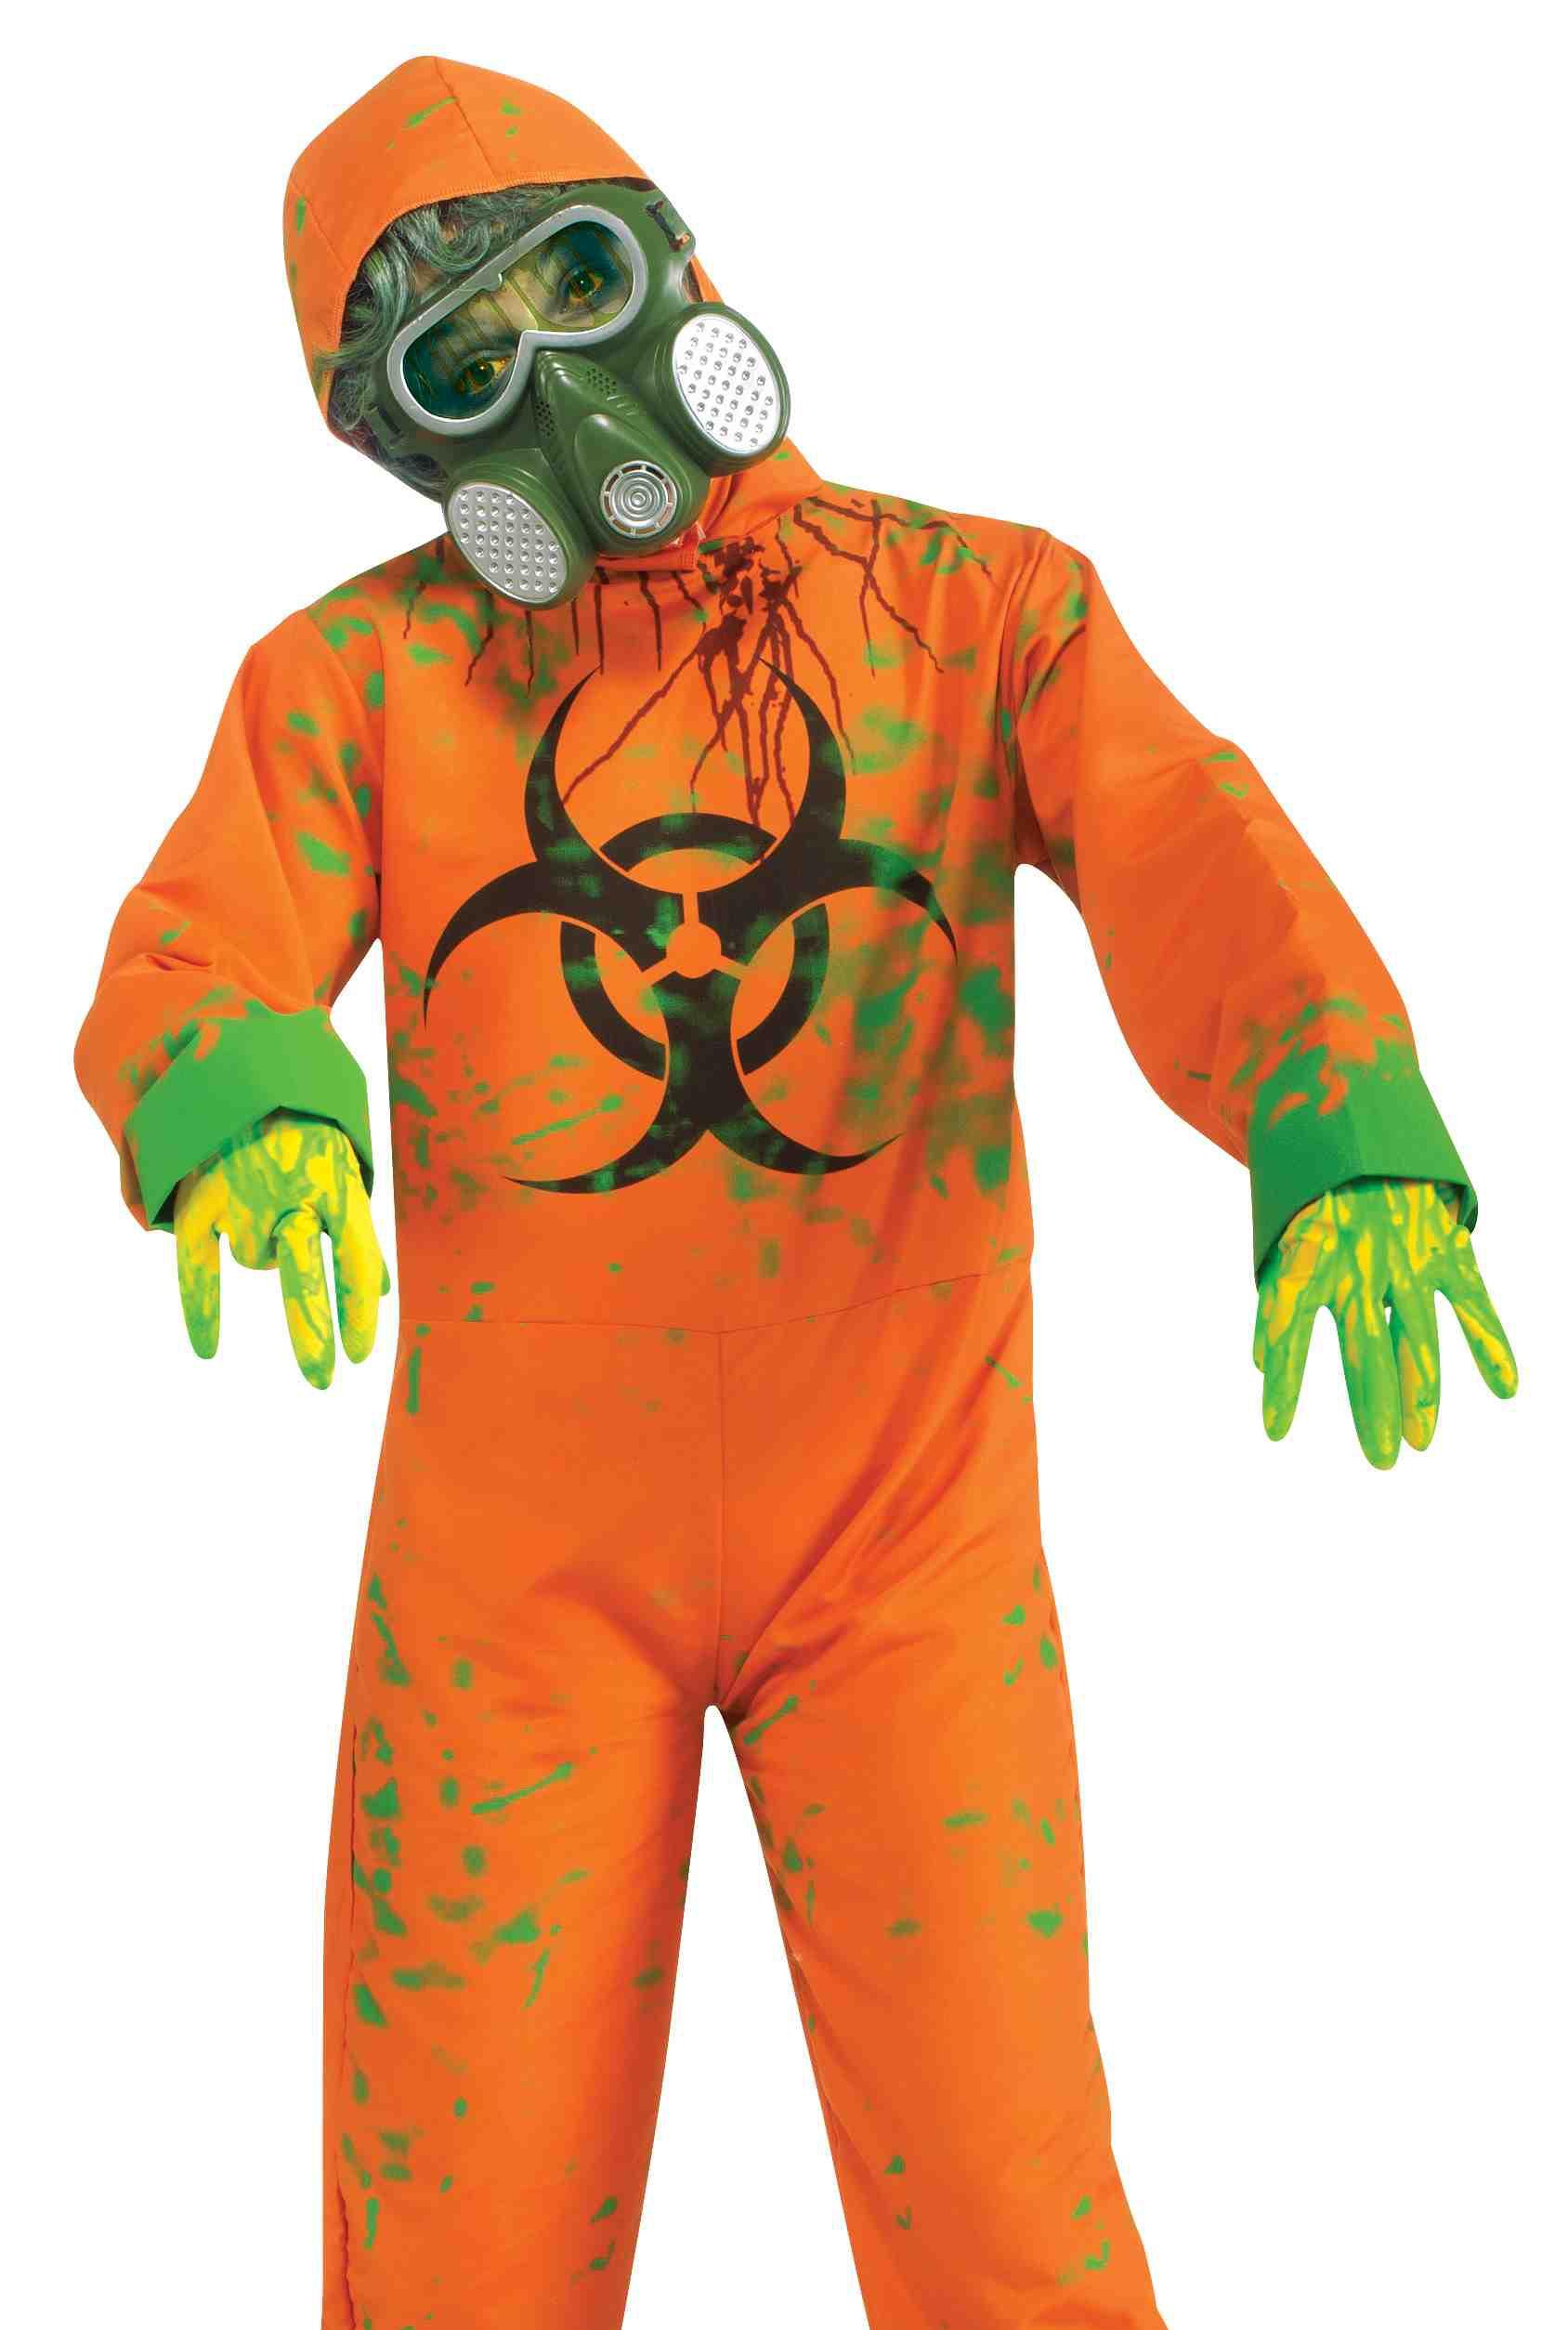 Scary Biohazard Mutant Zombie Kids Hazmat Suit Halloween